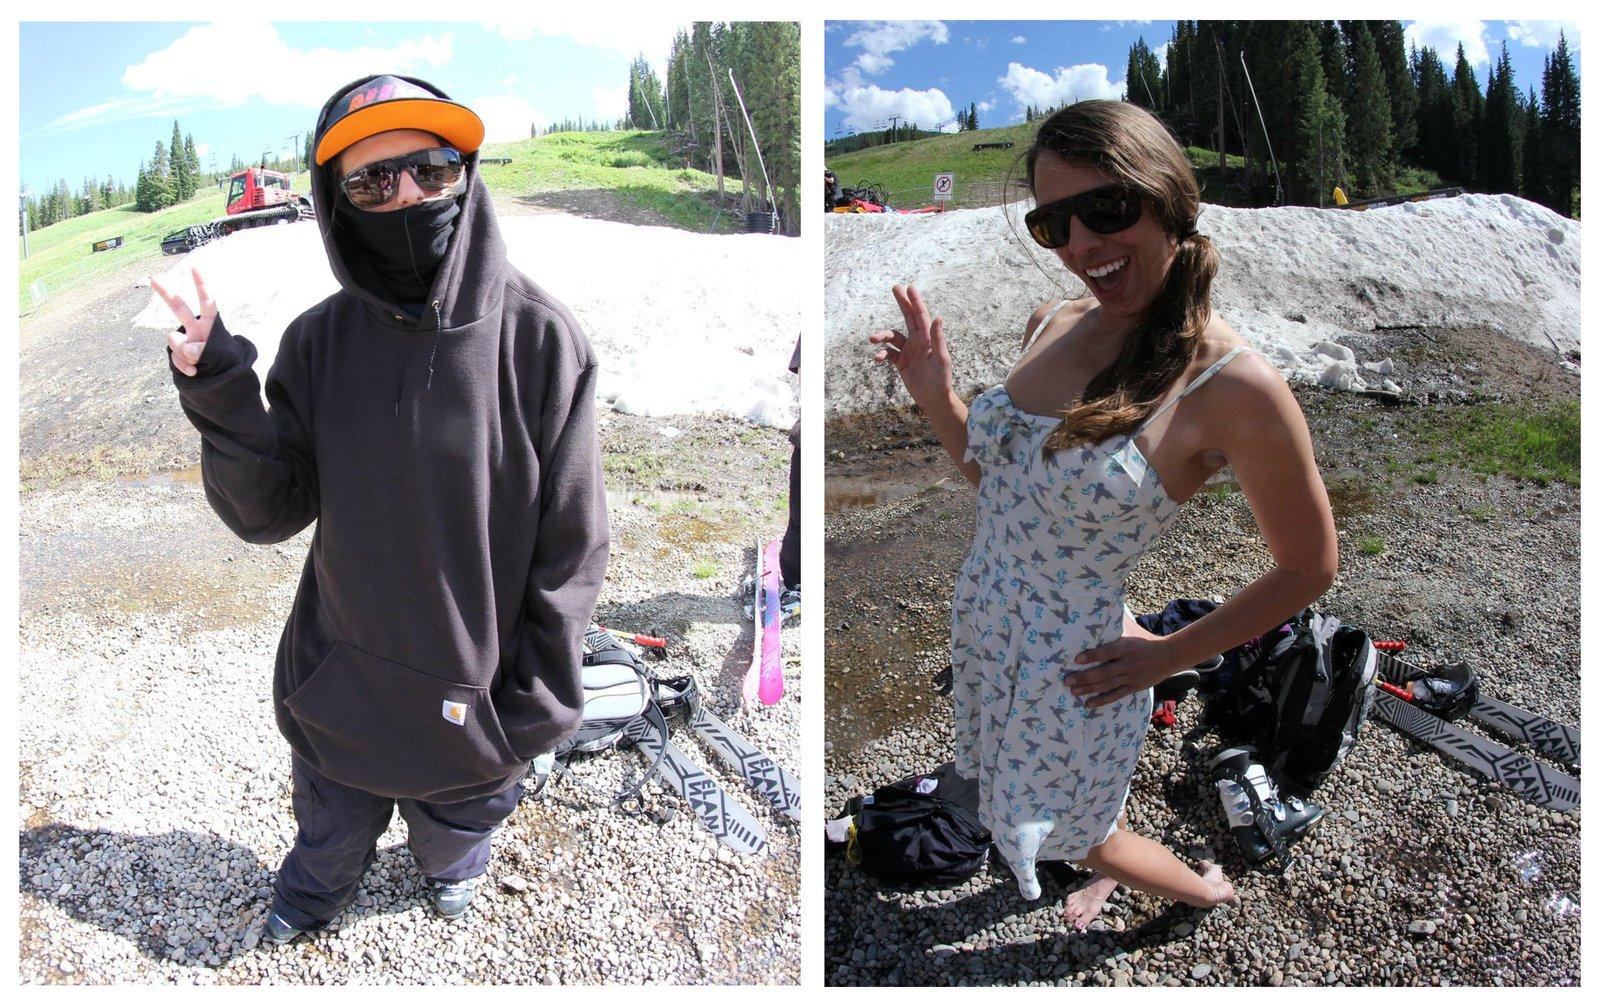 ski and post-ski apparel